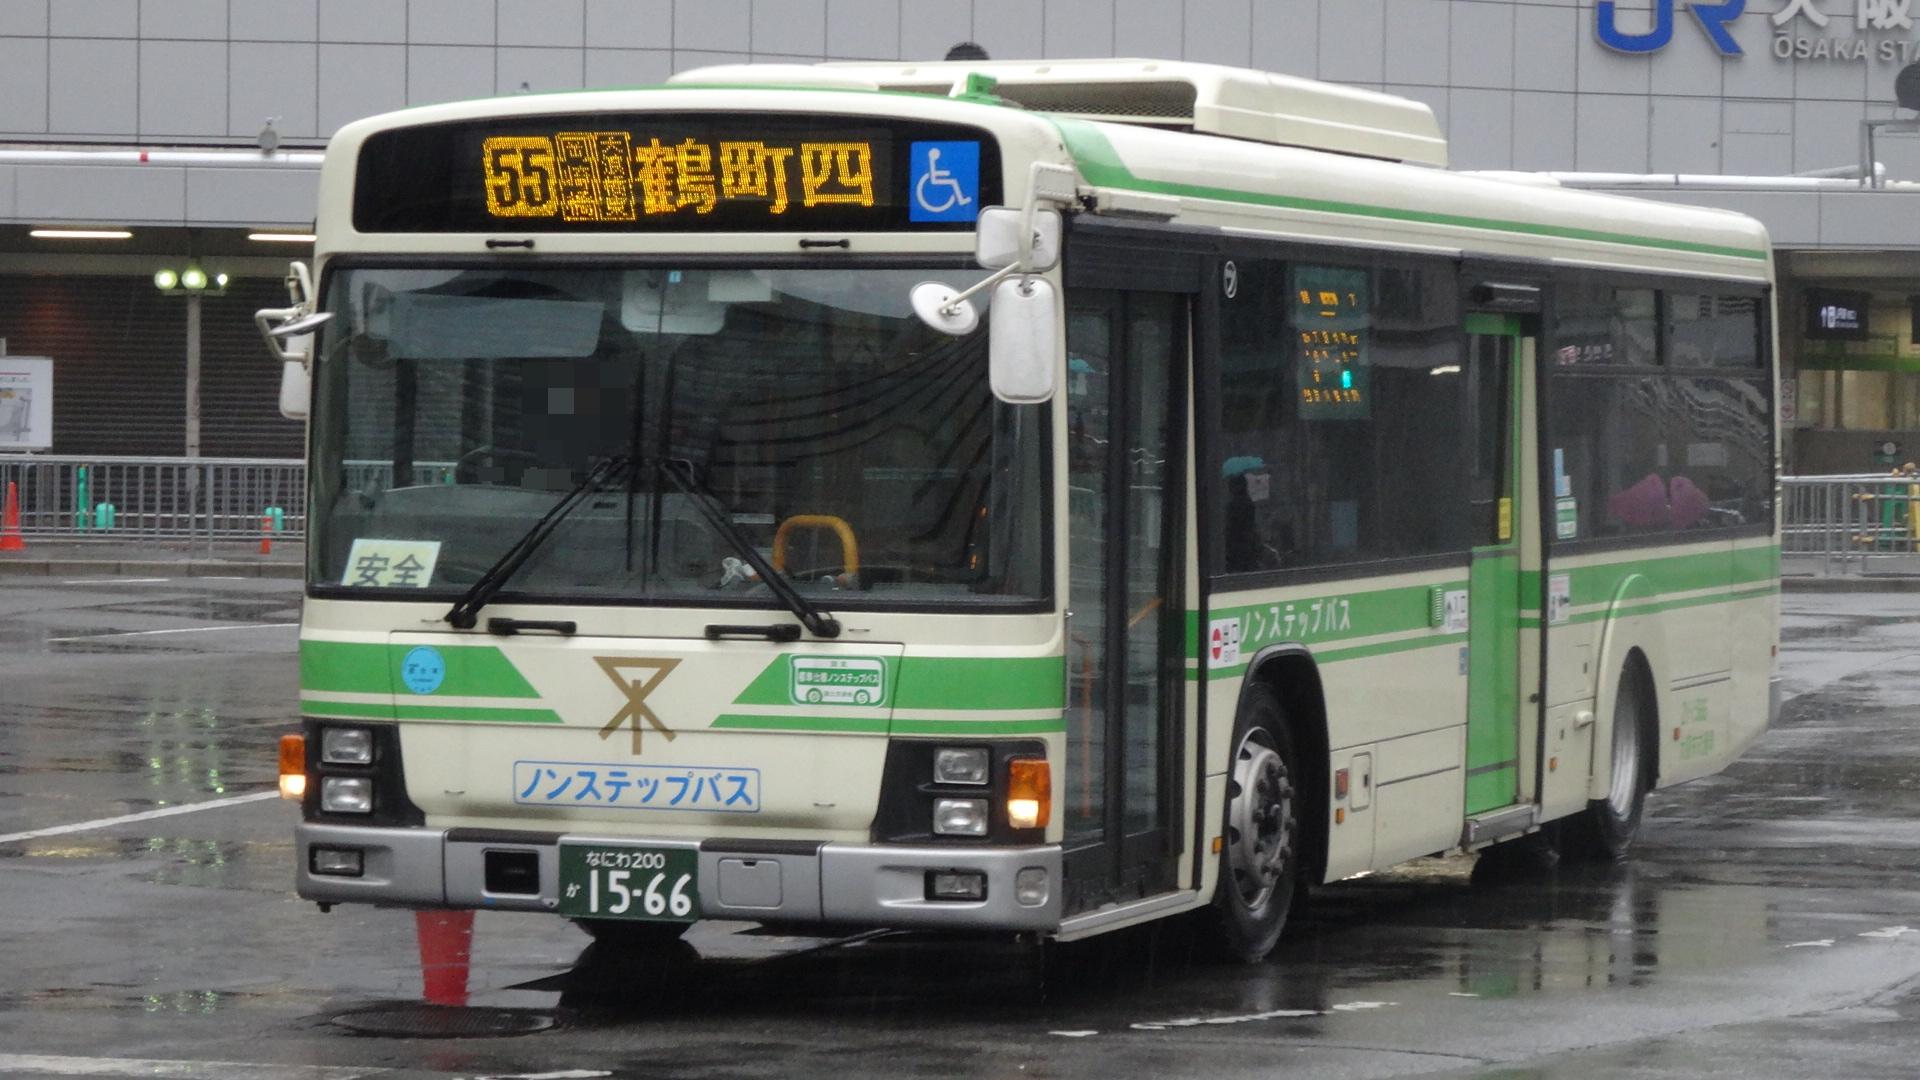 大阪市営バス 21-1566①